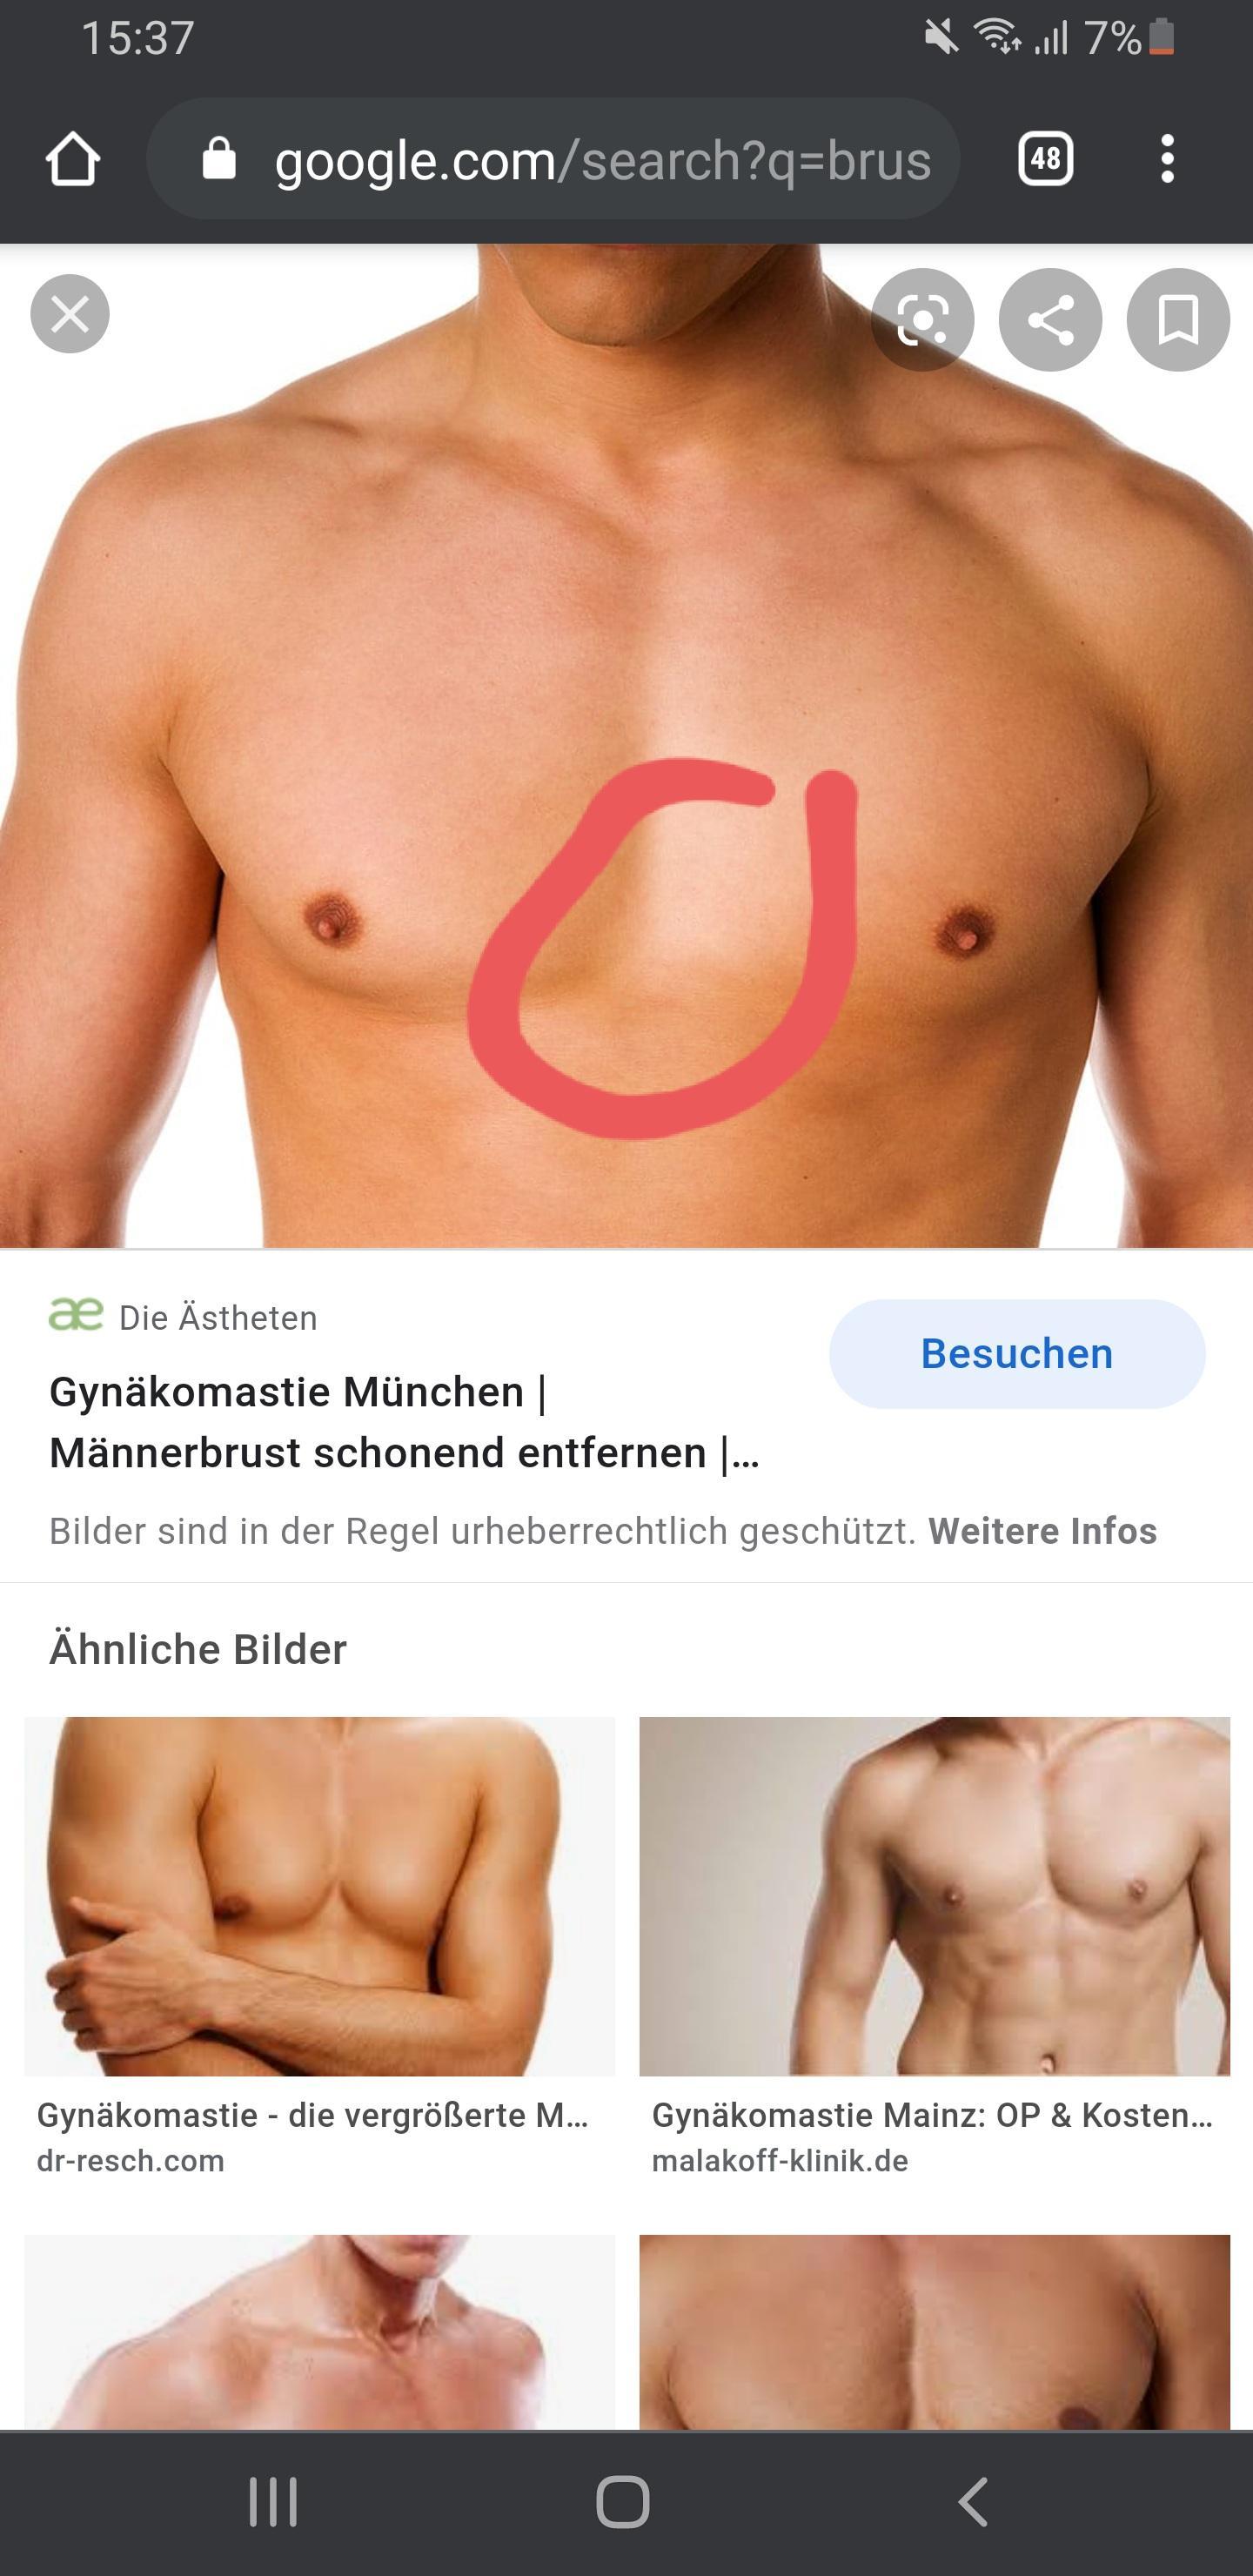 Seit einiger Zeit blauer Fleck an der Brust? (Gesundheit